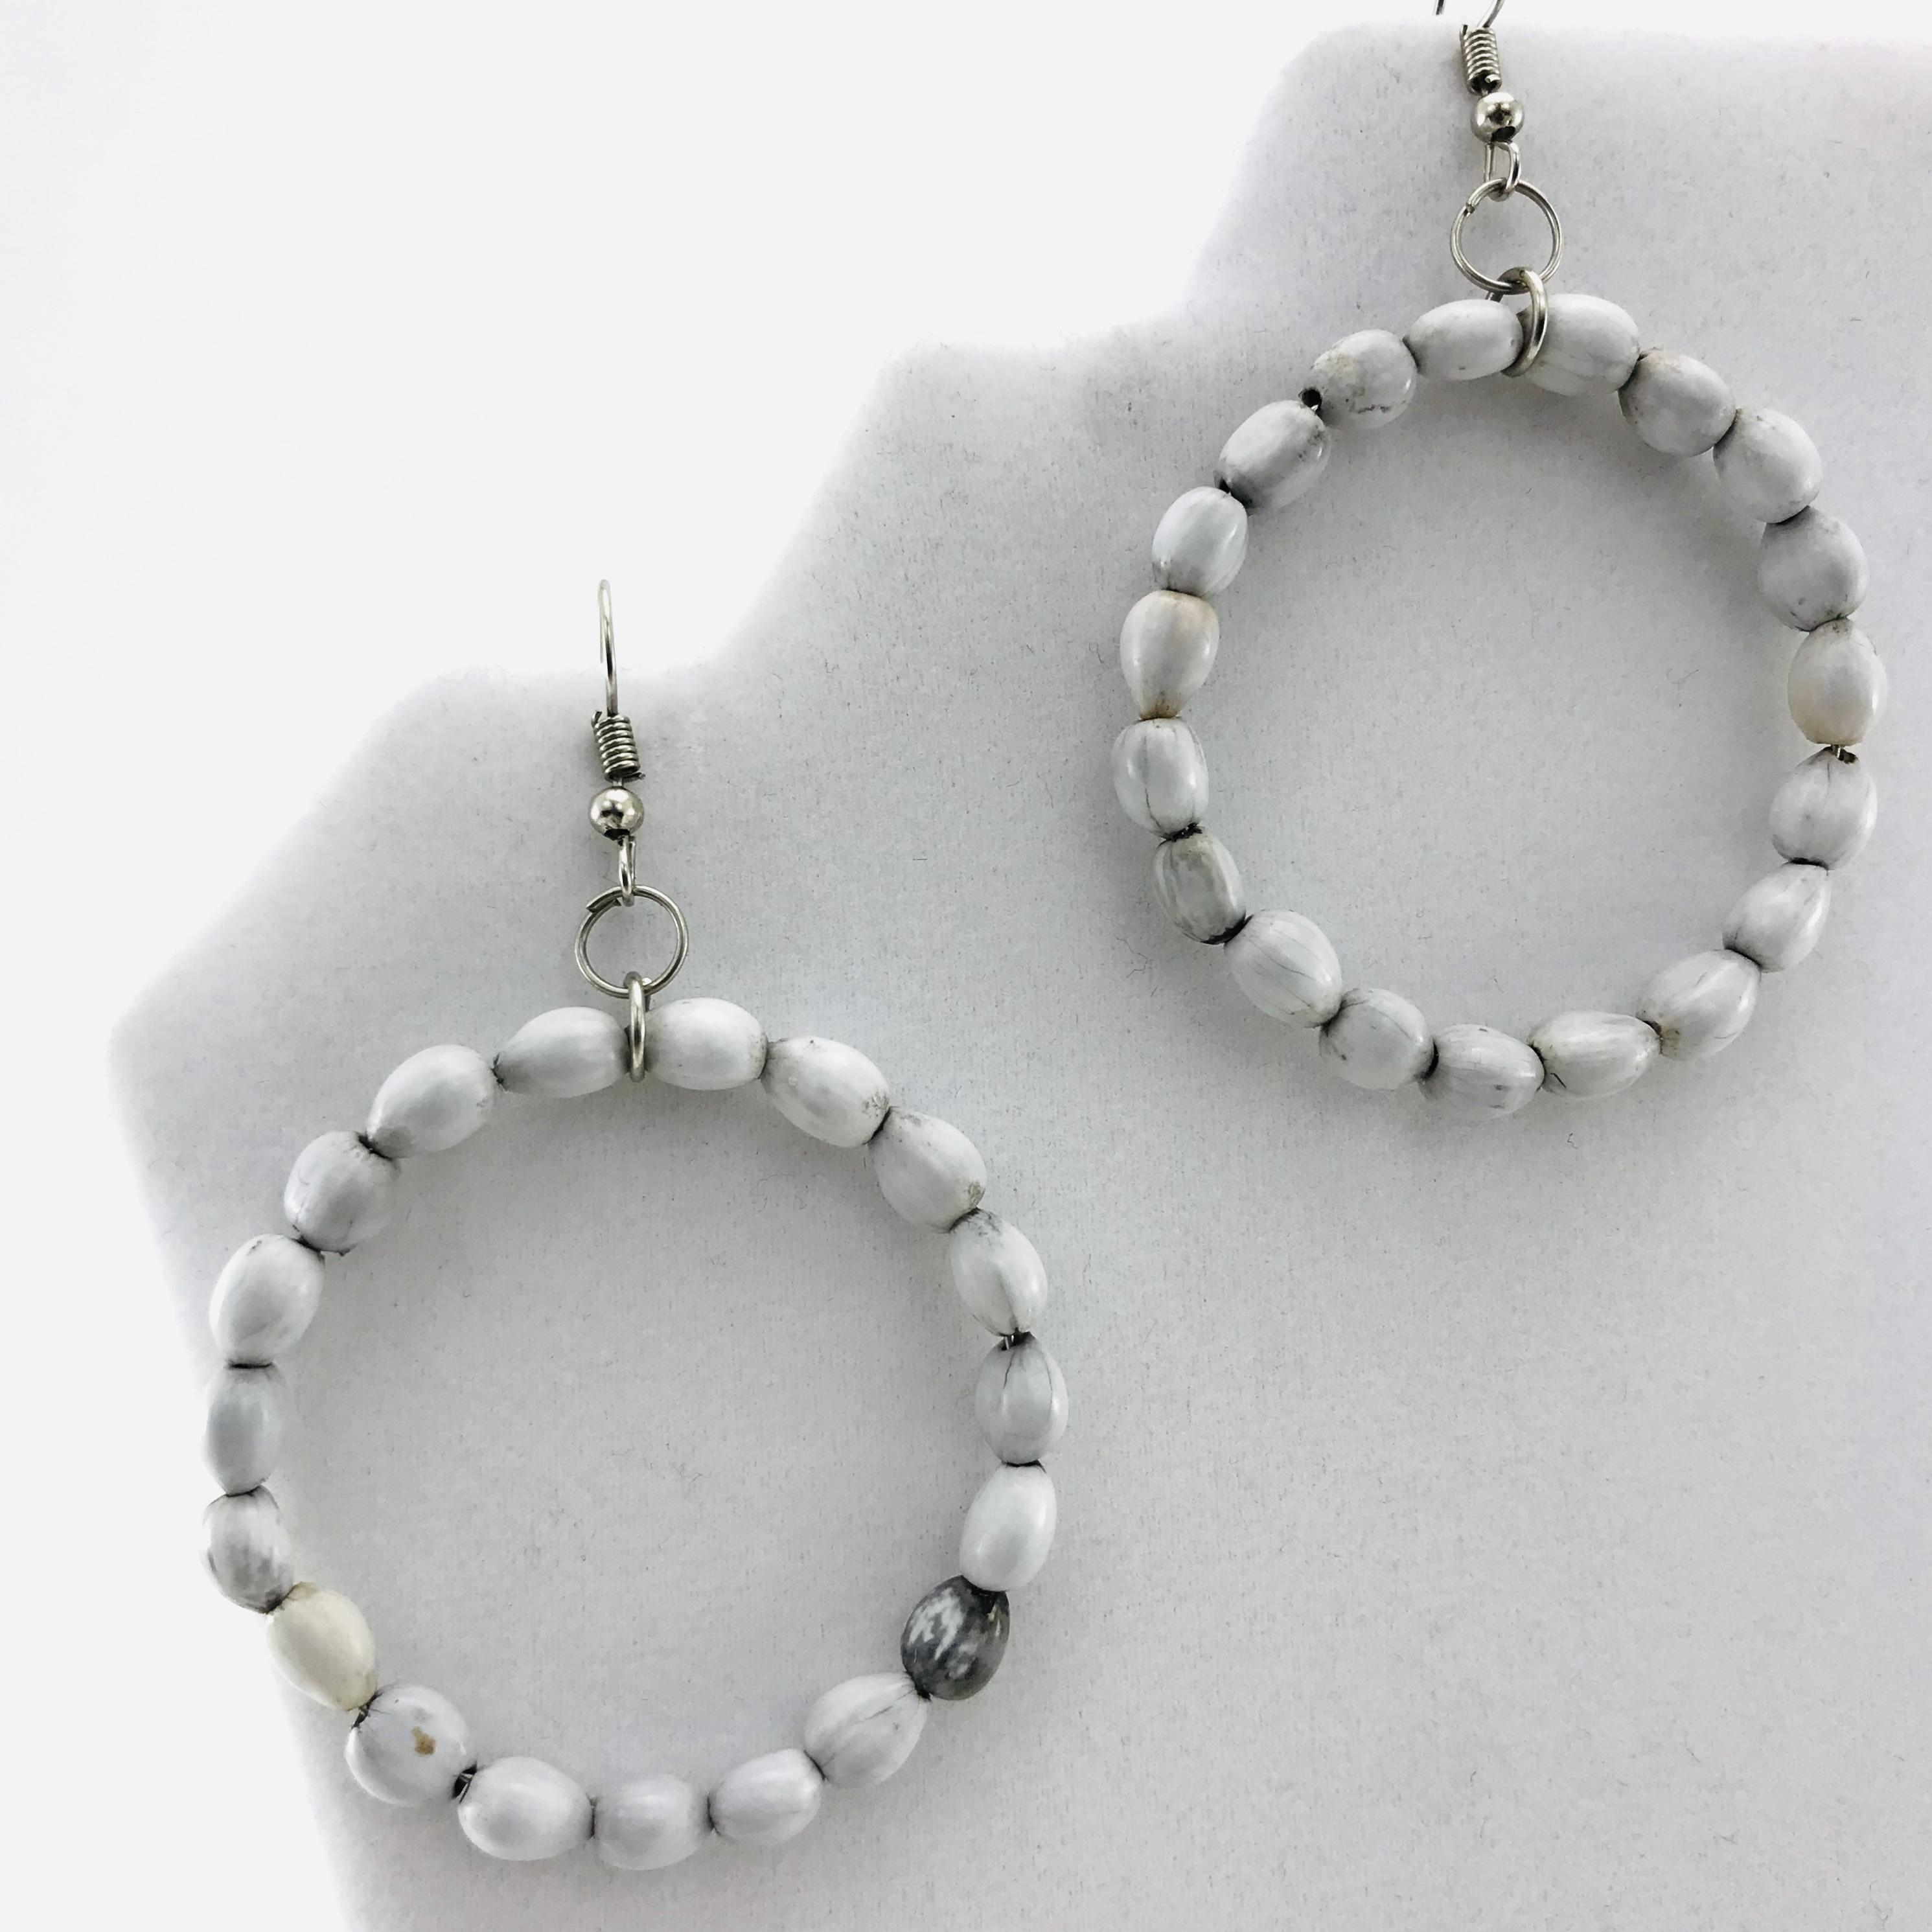 Les Boucles d'oreilles - Cercle - Blanc